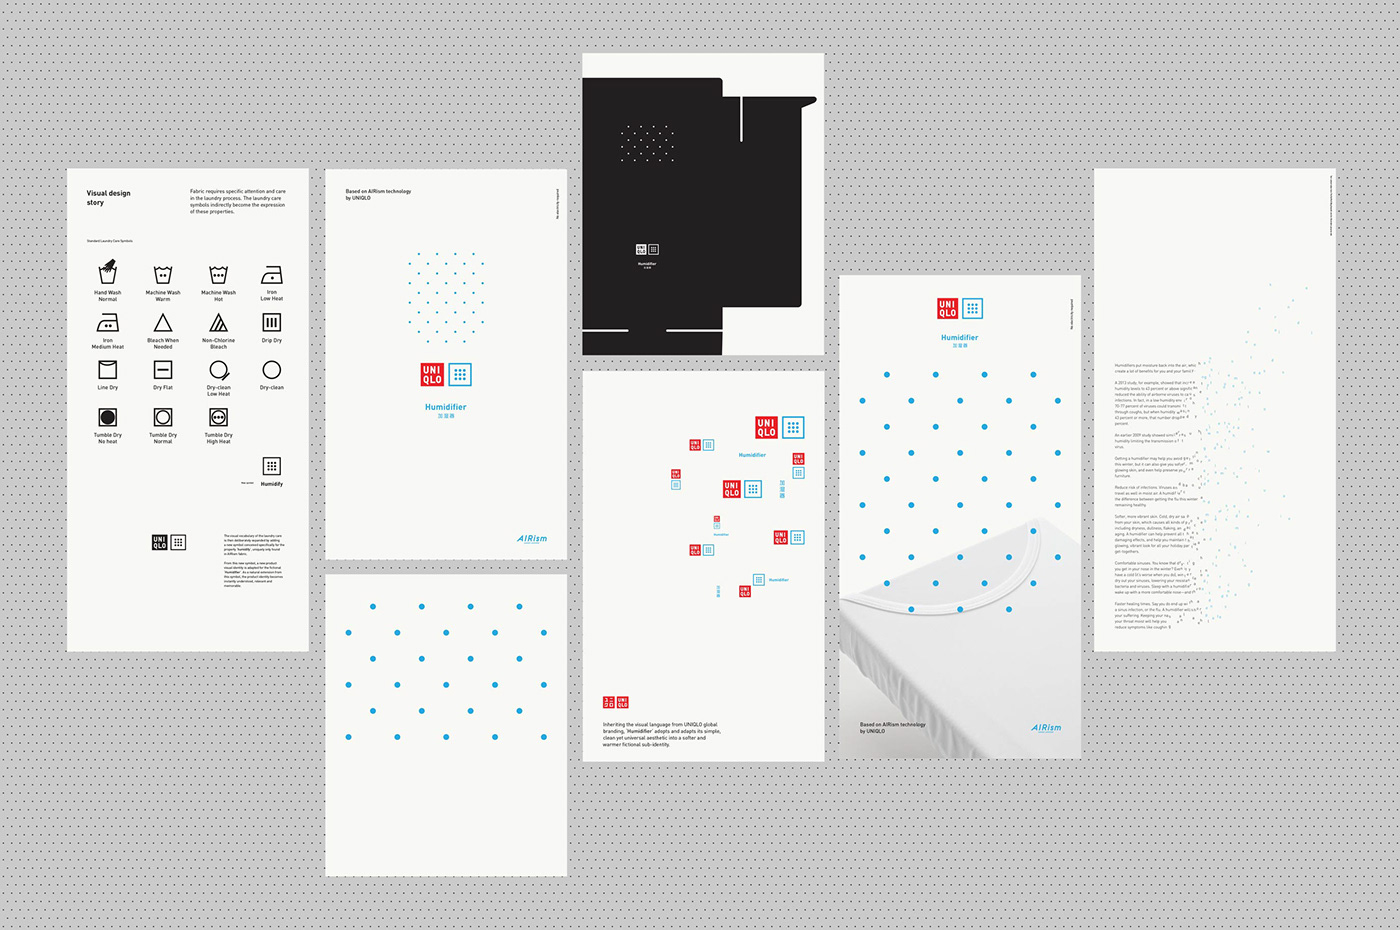 Image may contain: screenshot, print and abstract